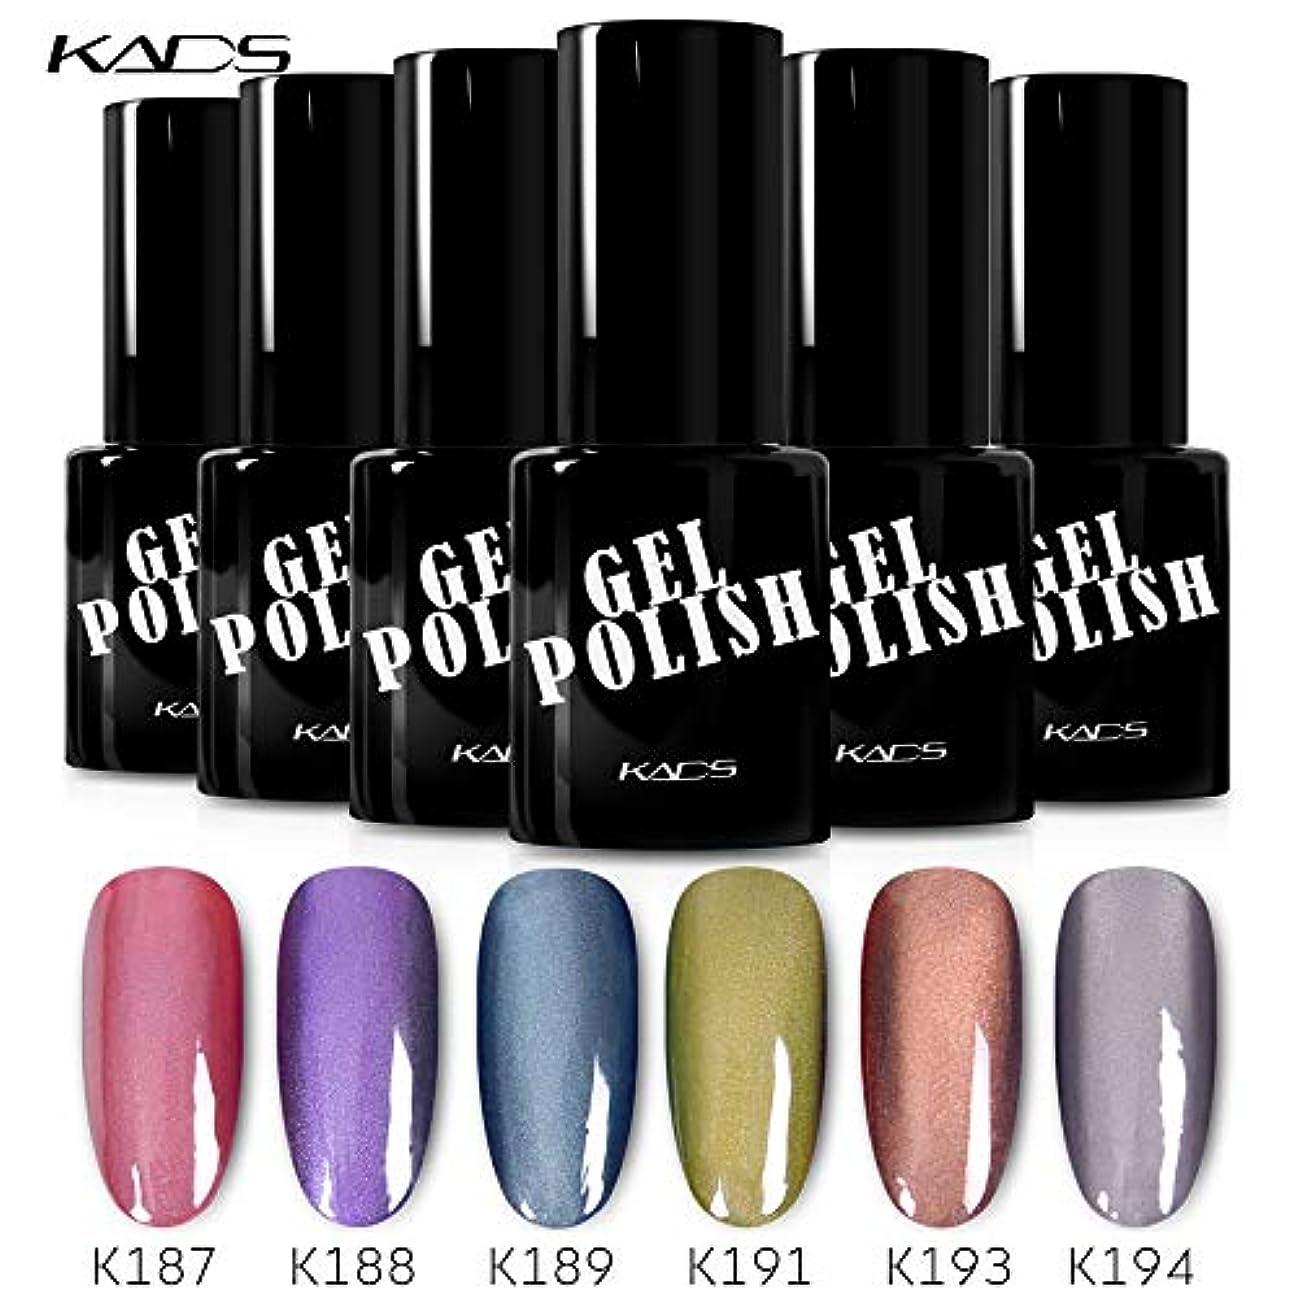 ハリウッド猛烈なホーンKADS カラージェル 6色入り キャッツアイジェルネイル グリーン/ピンク/グレー カラーポリッシュ UV/LED対応 艶長持ち